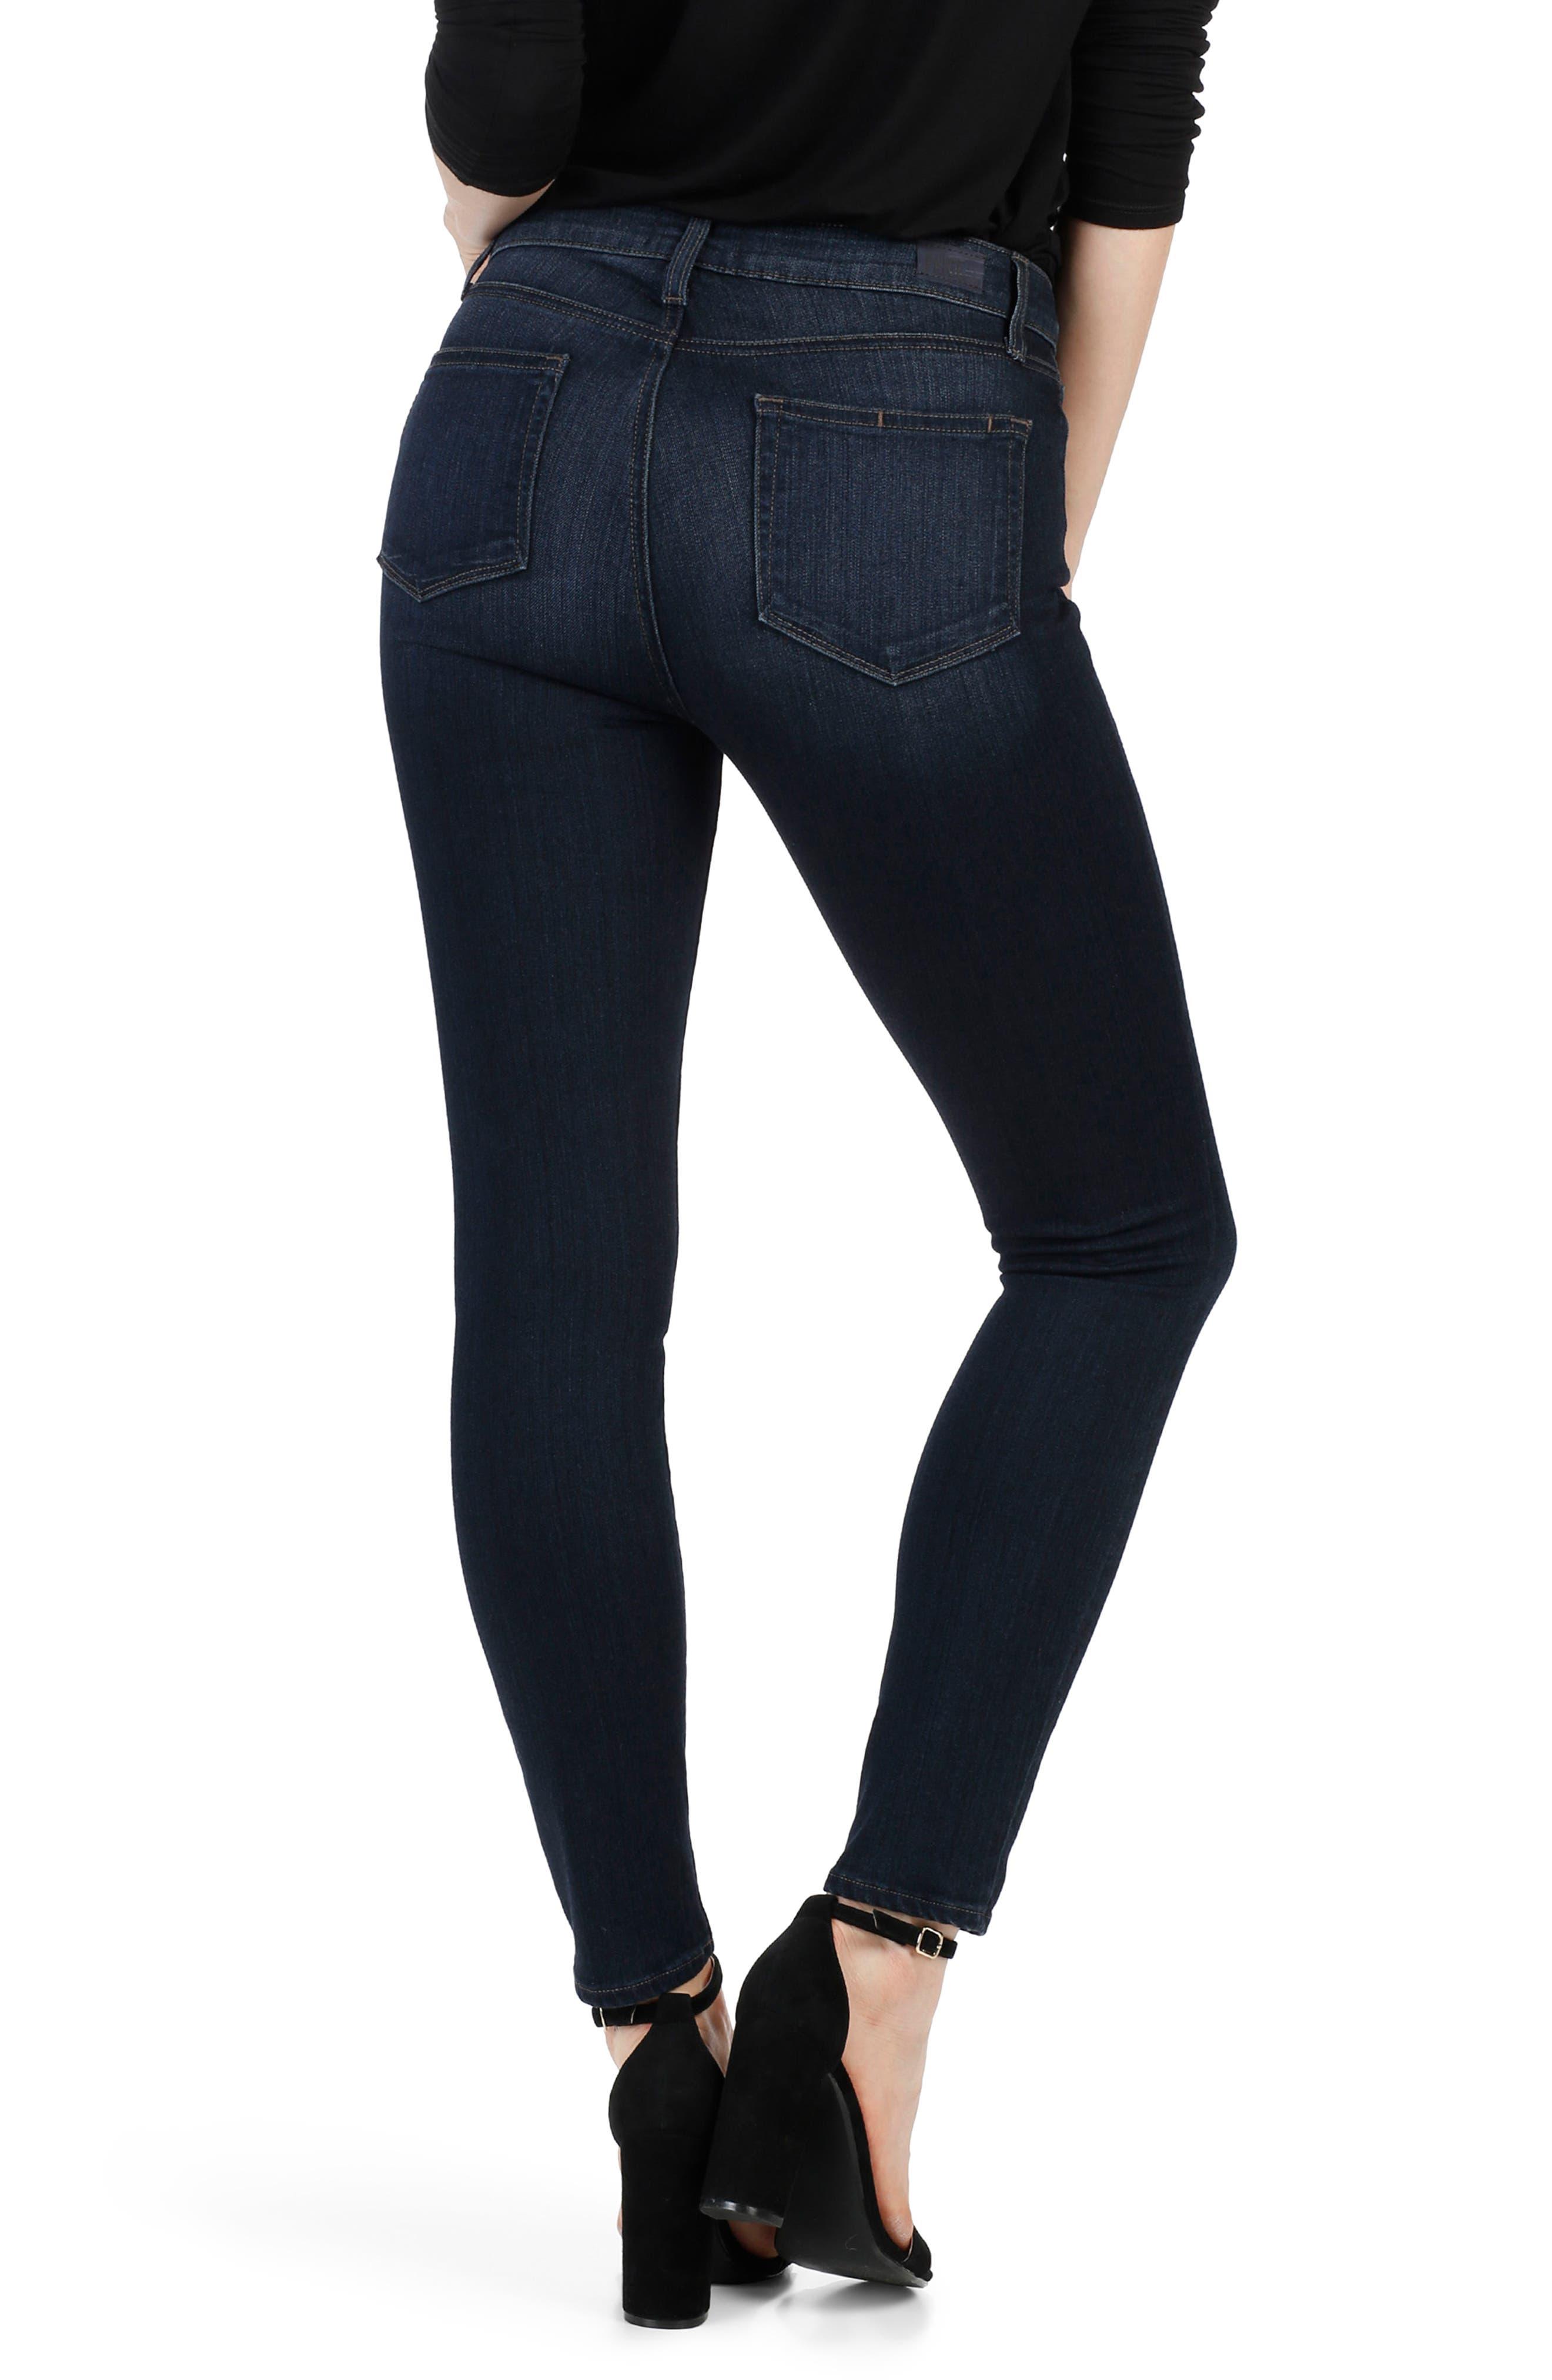 Transcend - Verdugo Ankle Skinny Jeans,                             Alternate thumbnail 2, color,                             Elsie